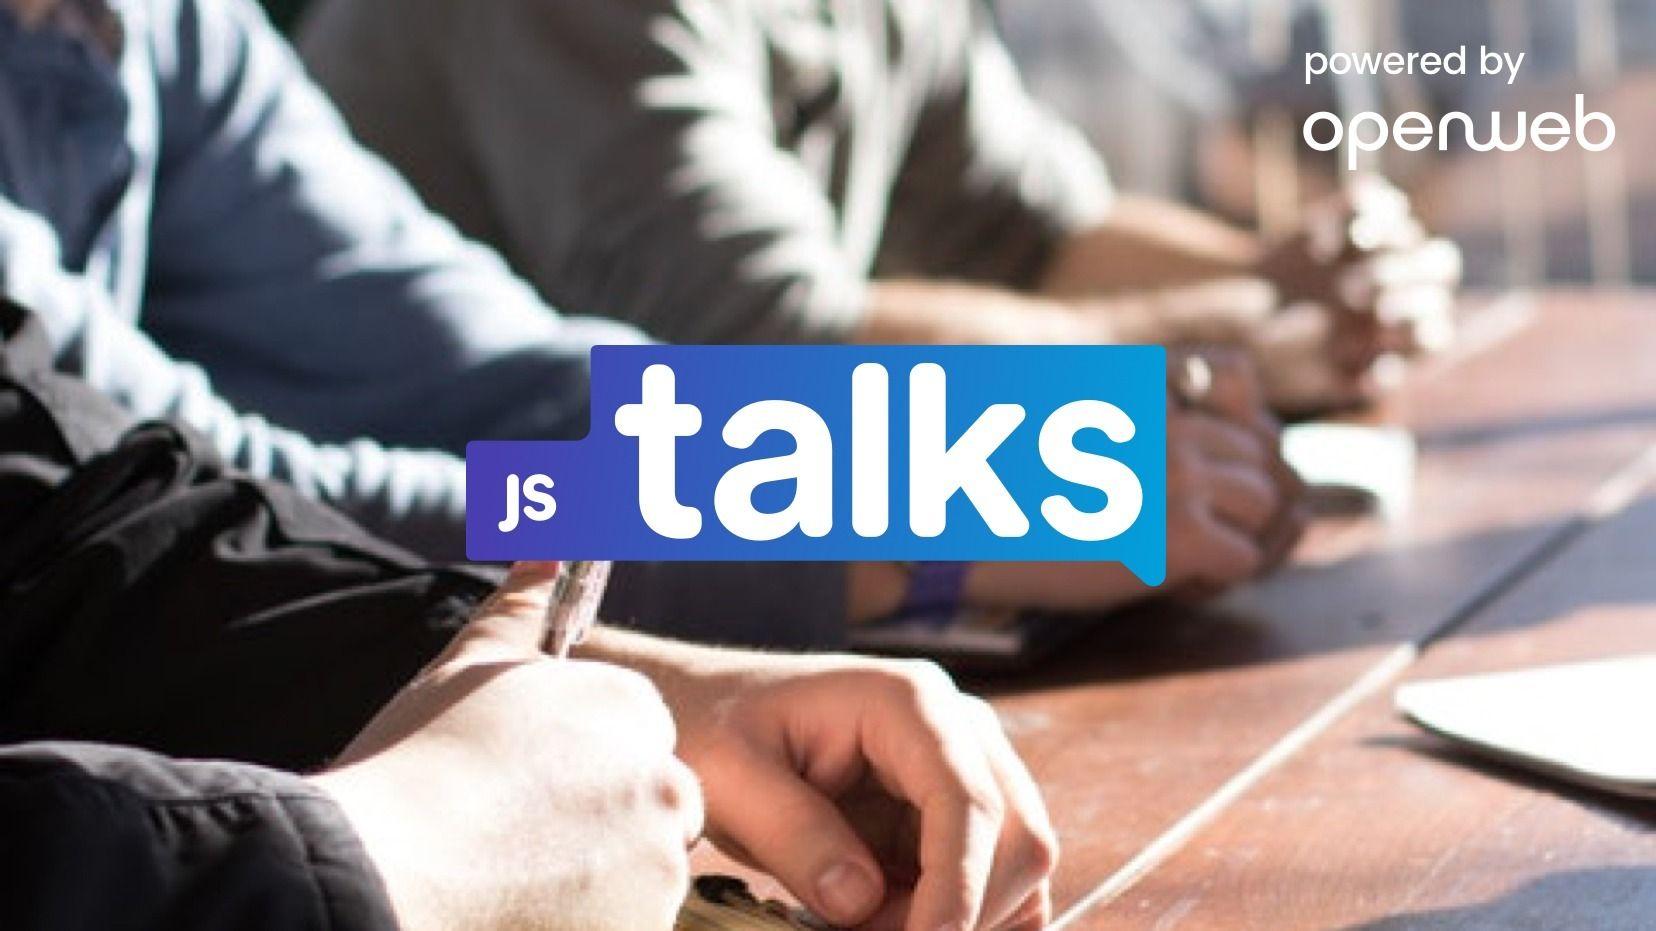 JS talks